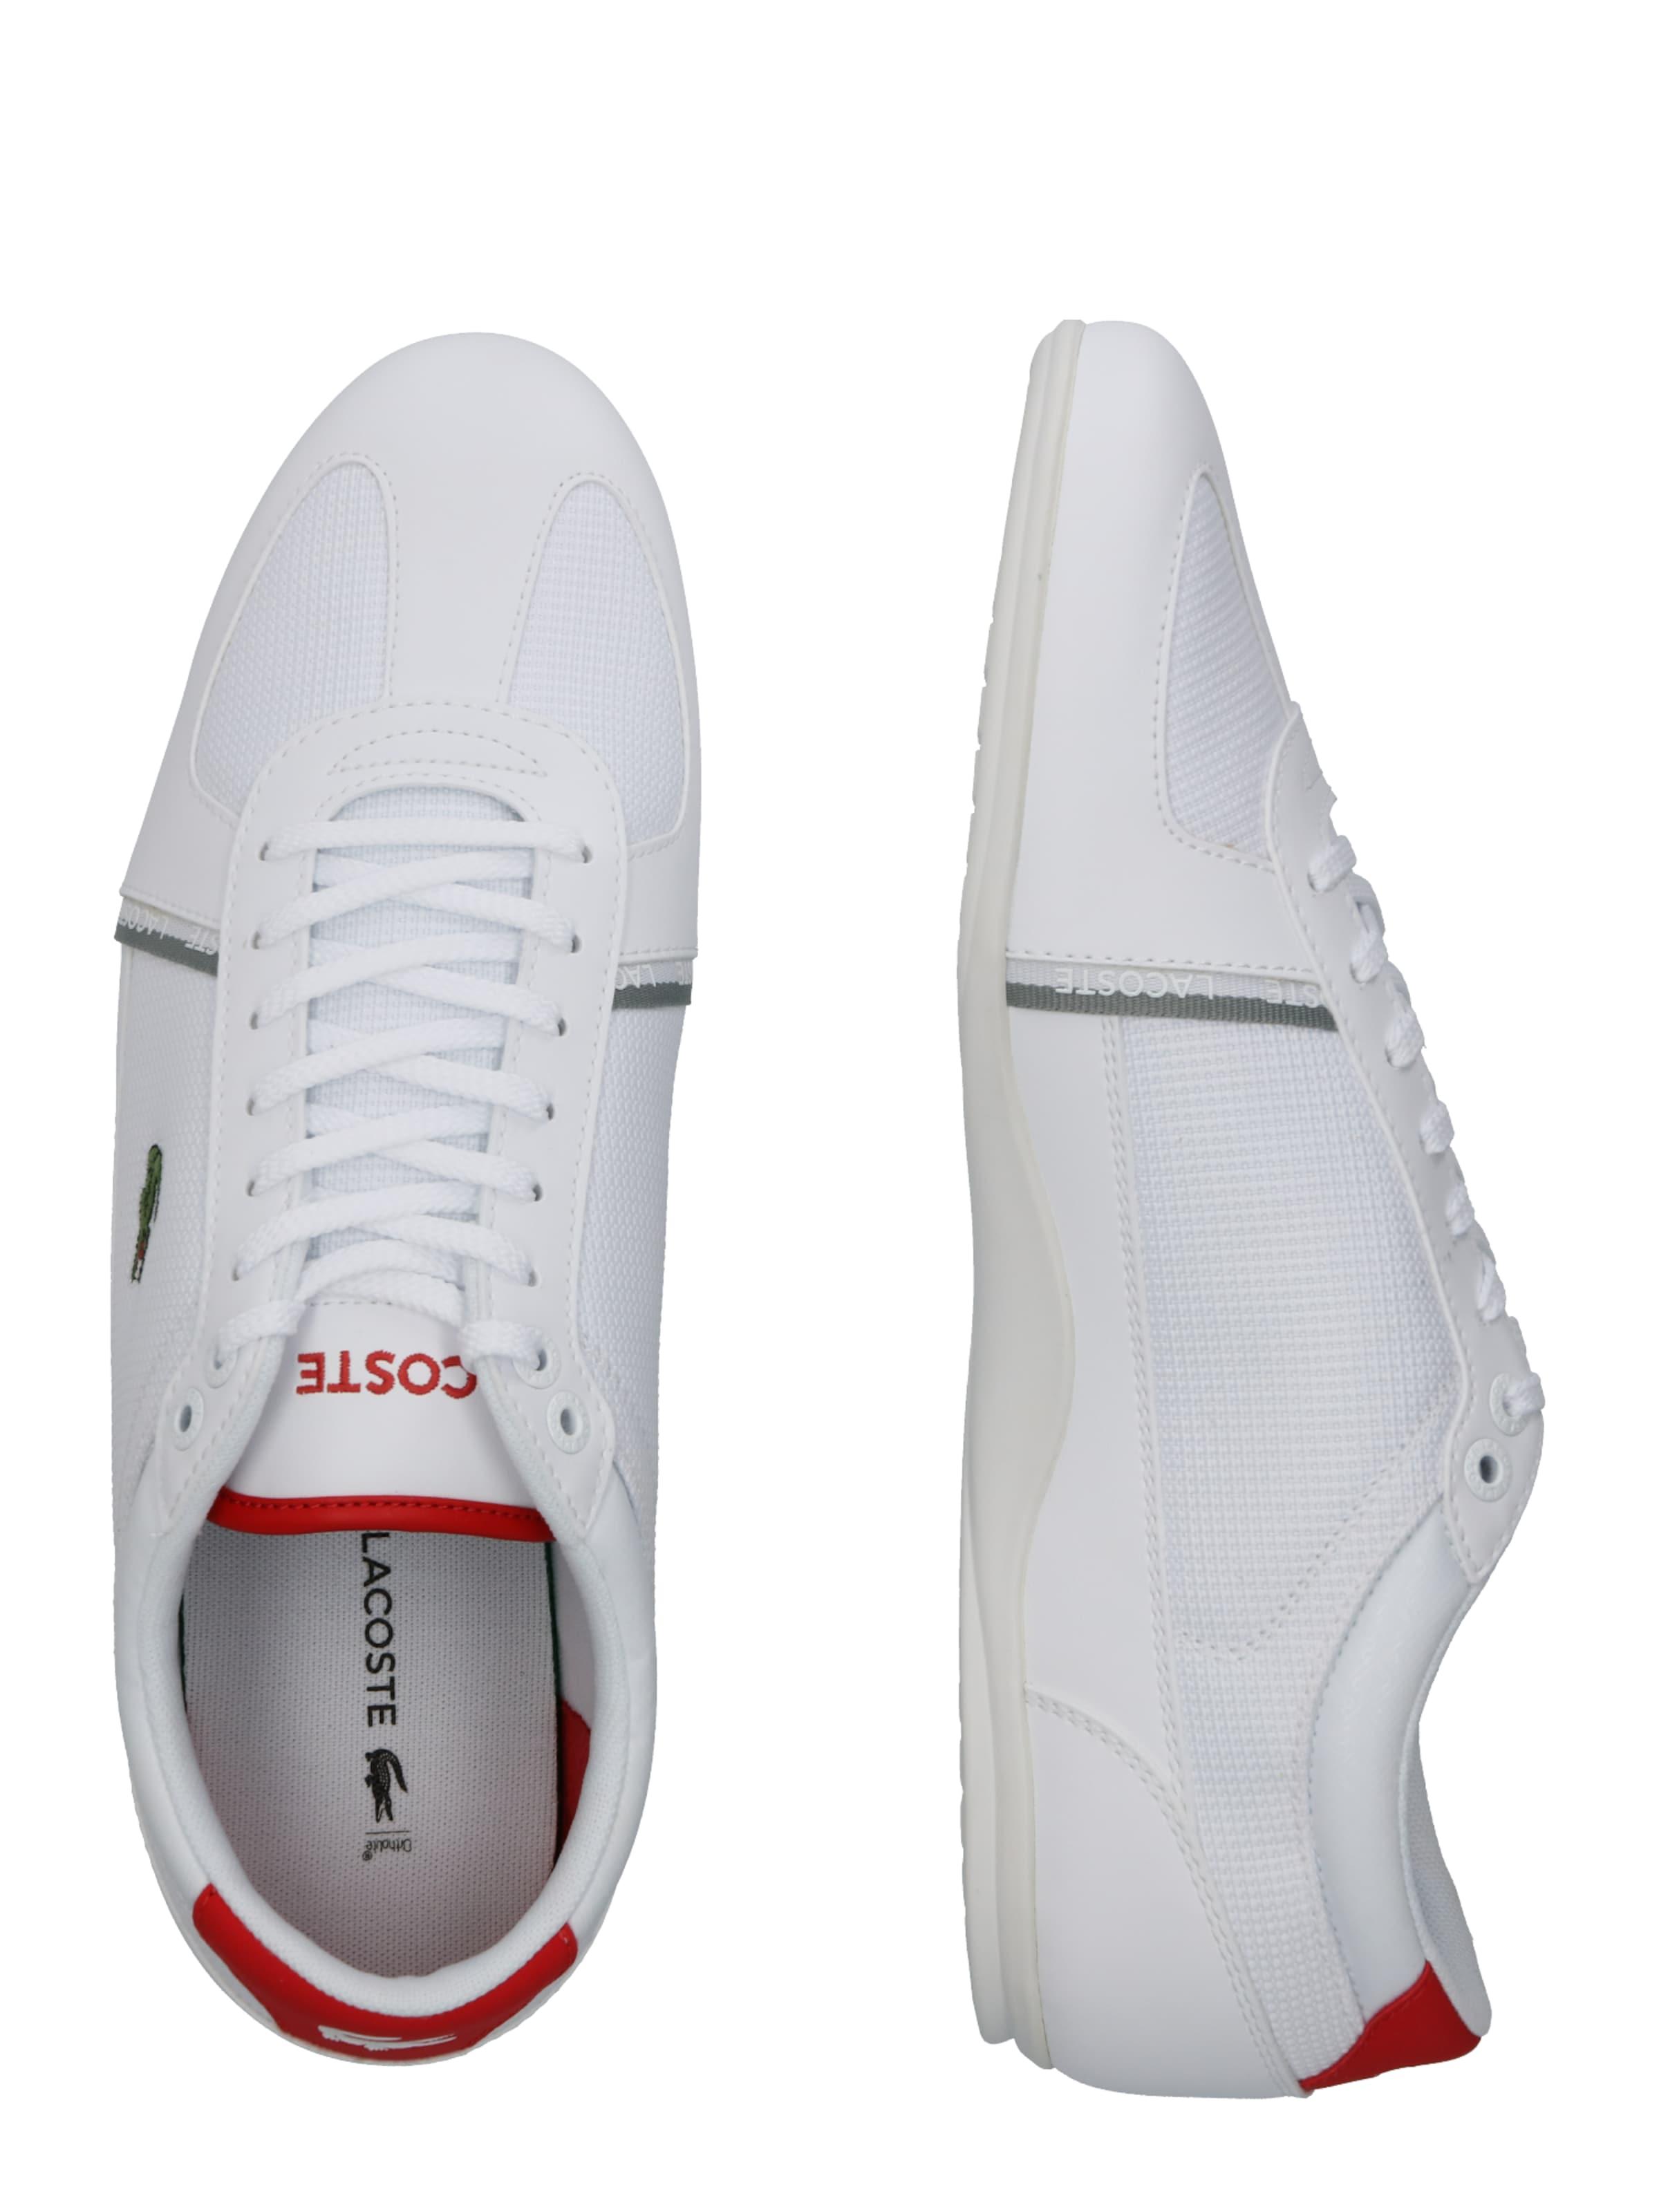 319 1 Lacoste 'evara Sport RotWeiß In Sneaker Cma' F1TlKJc